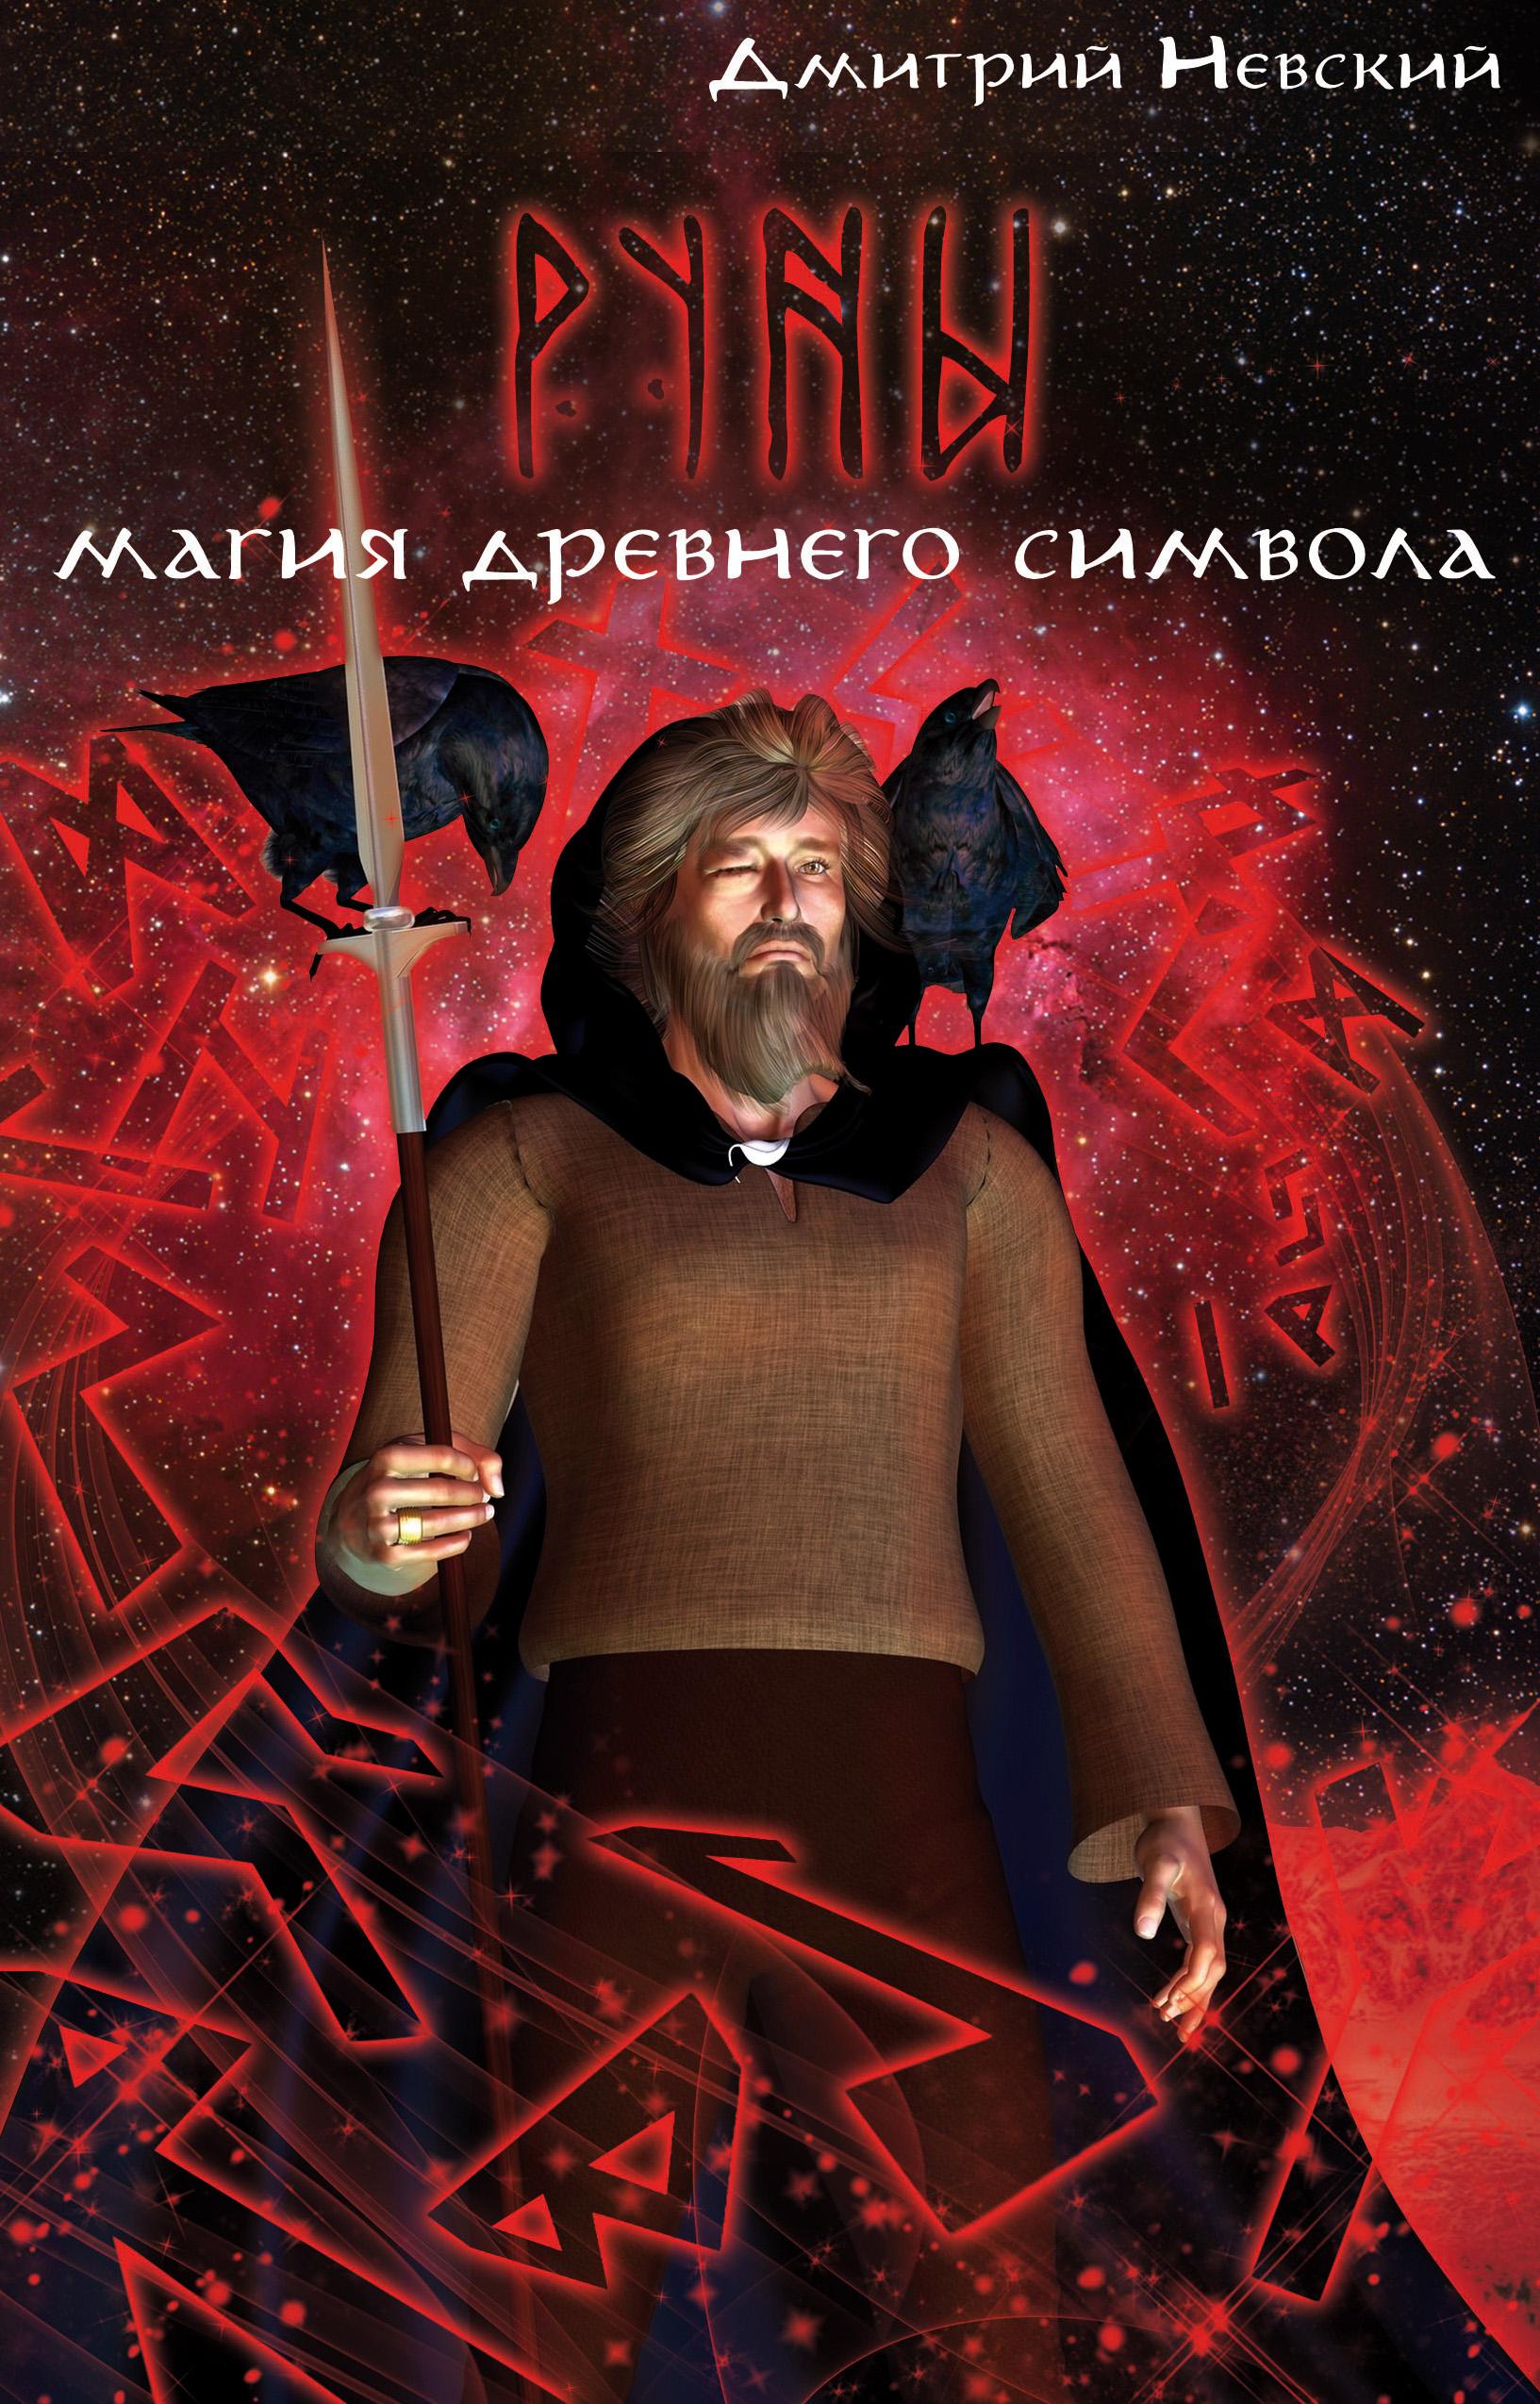 Дмитрий Невский Руны. Магия древнего символа дмитрий невский магия судьбы